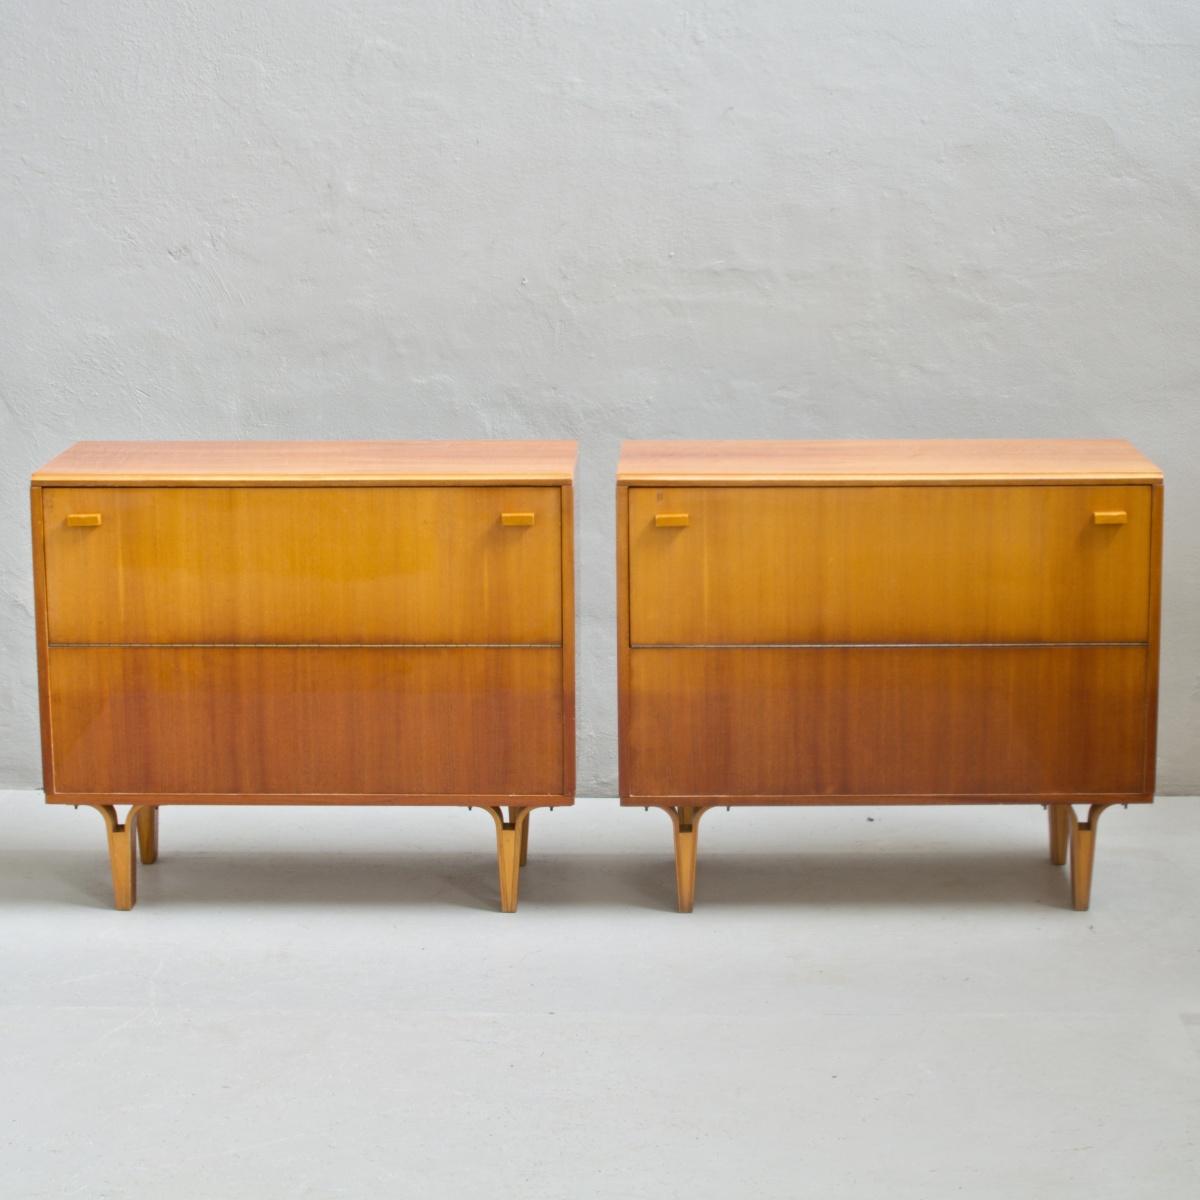 Prodej retro nábytku retro peřiňák